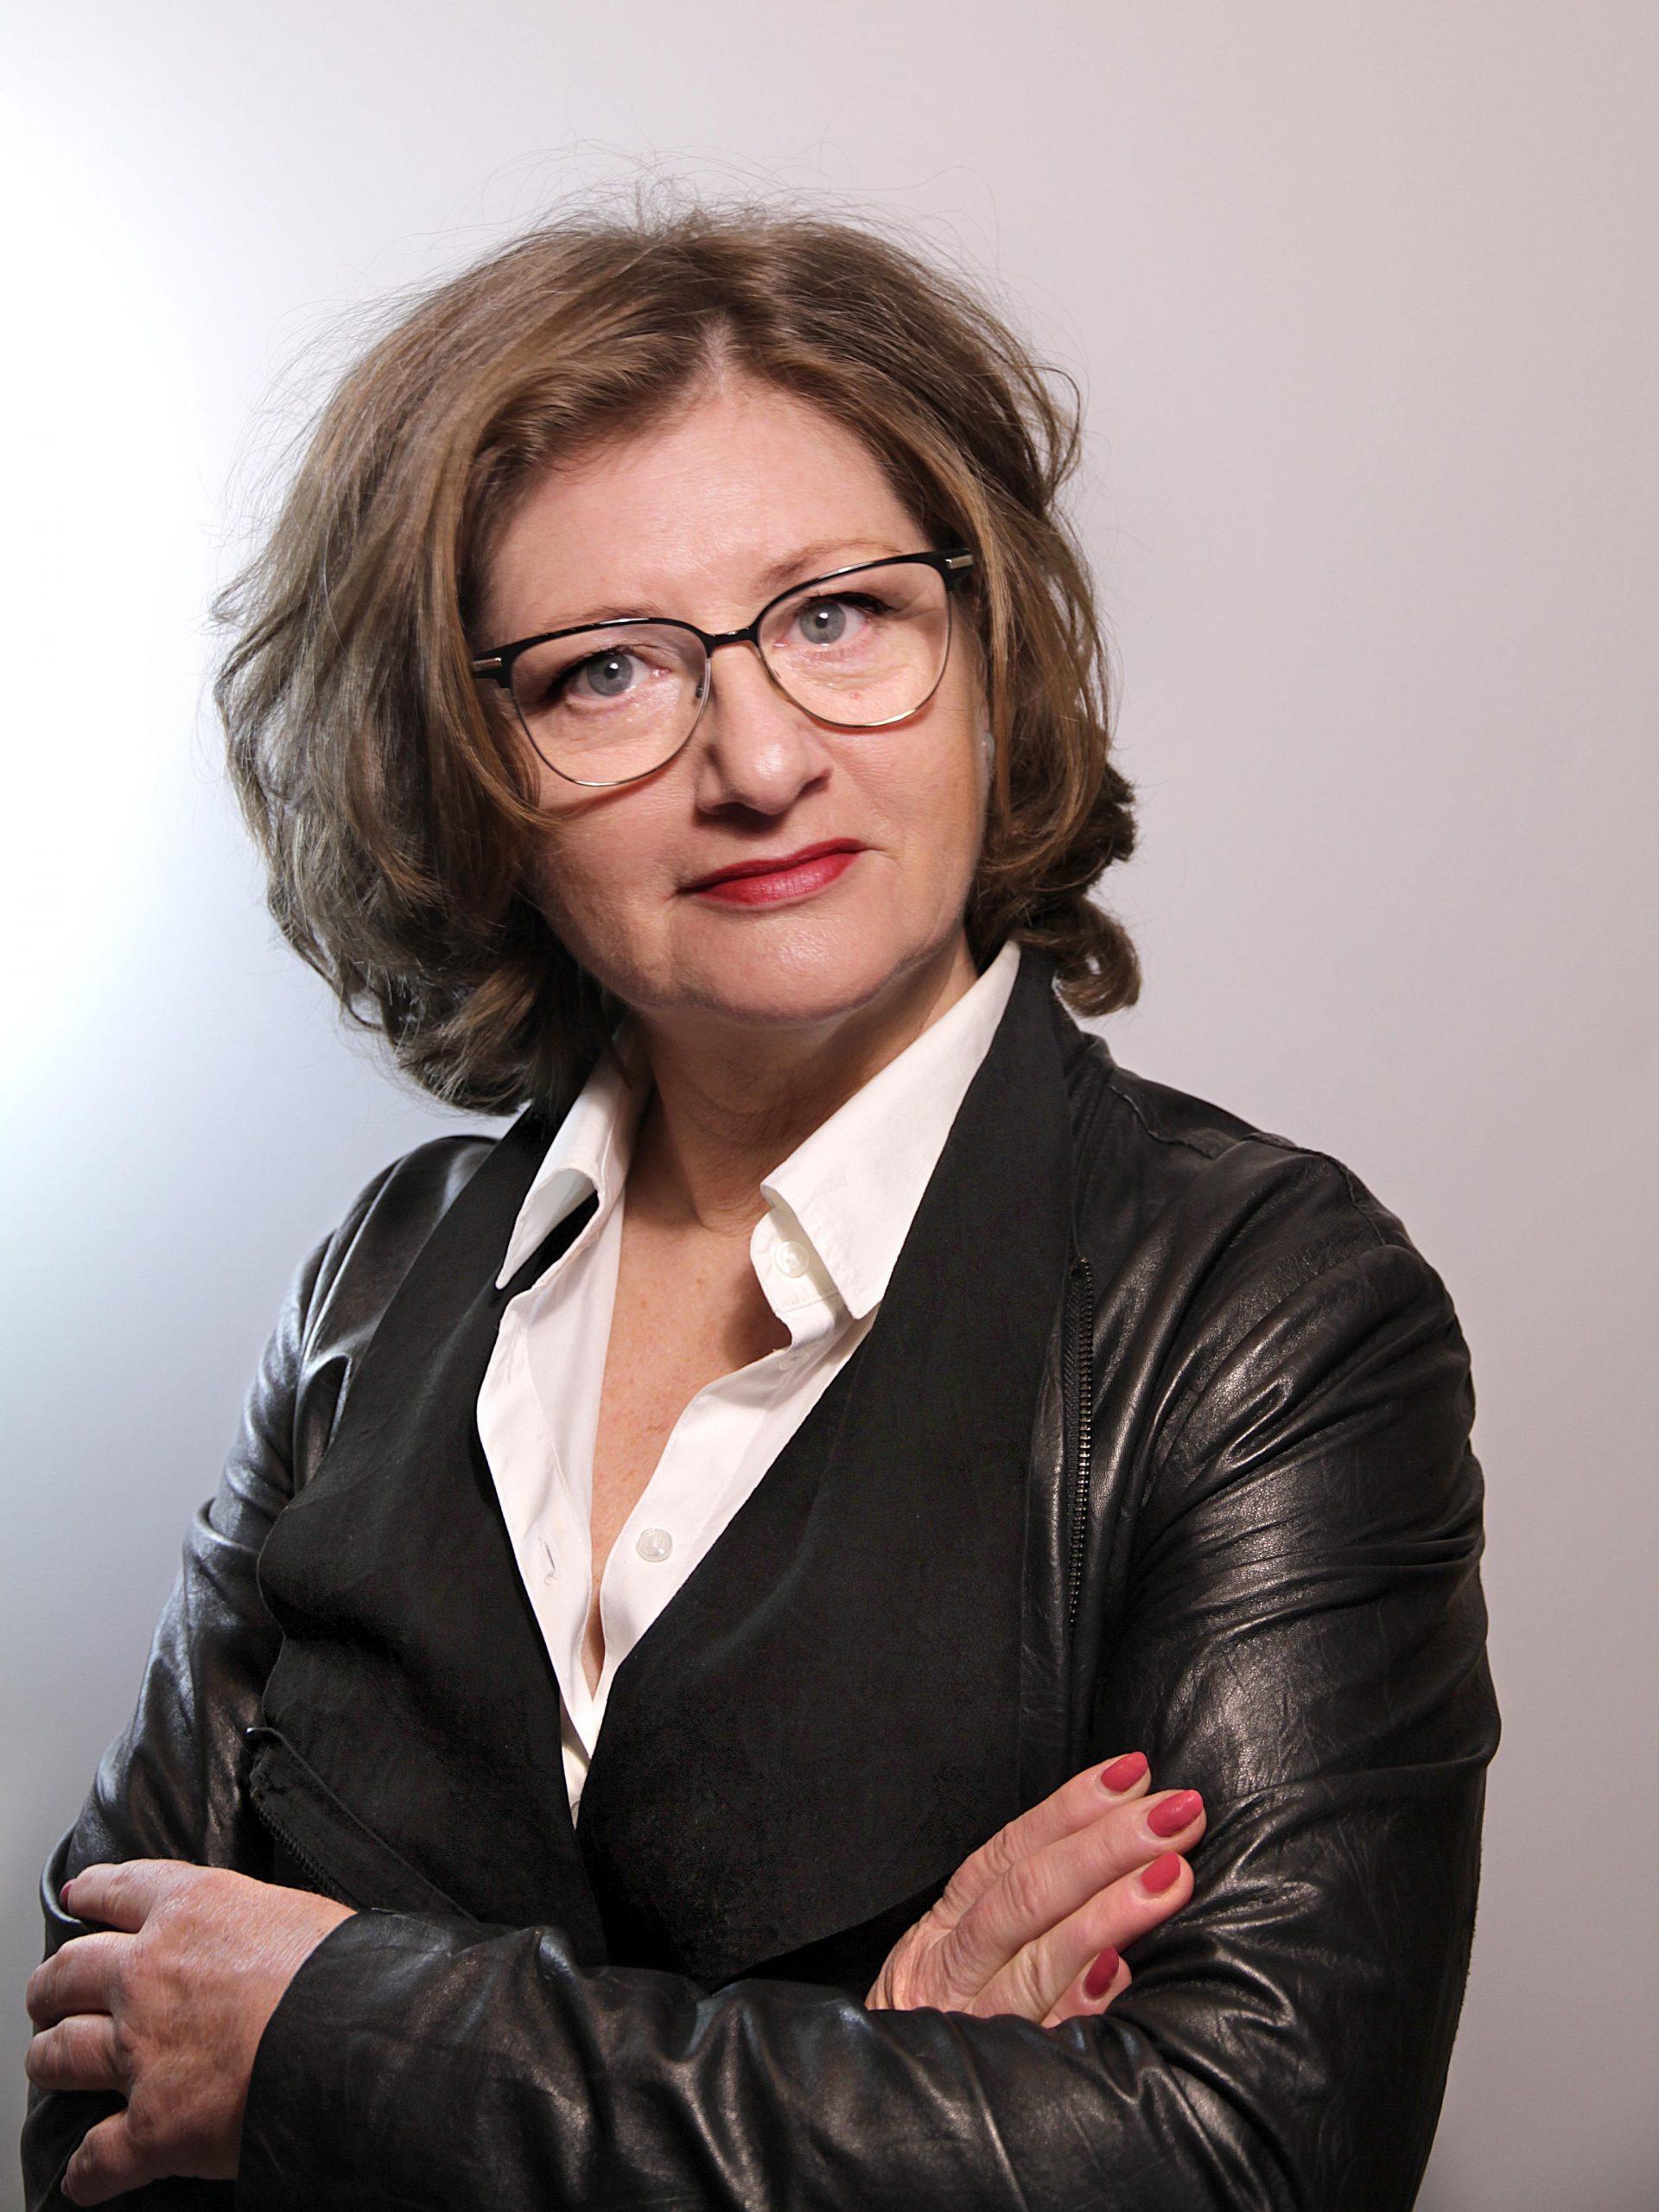 Monika Härtel